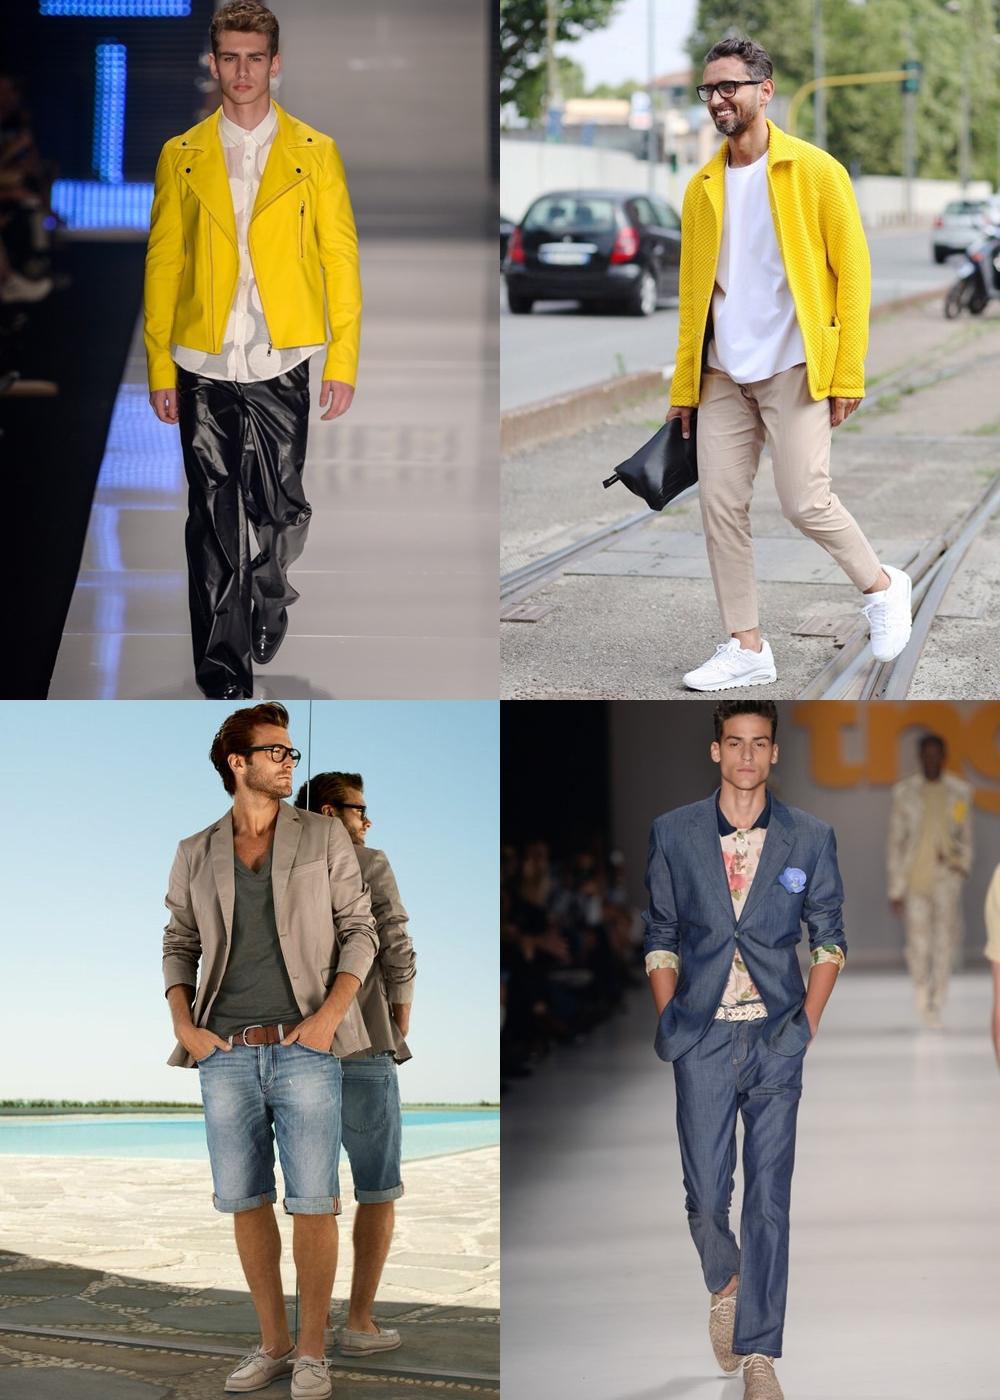 tendencia masculina, verão 2016, menswear, style, trends, moda sem censura, blogger, blog de moda, fashion blogger, blogueiro de moda, alex cursino, style, tips, 2